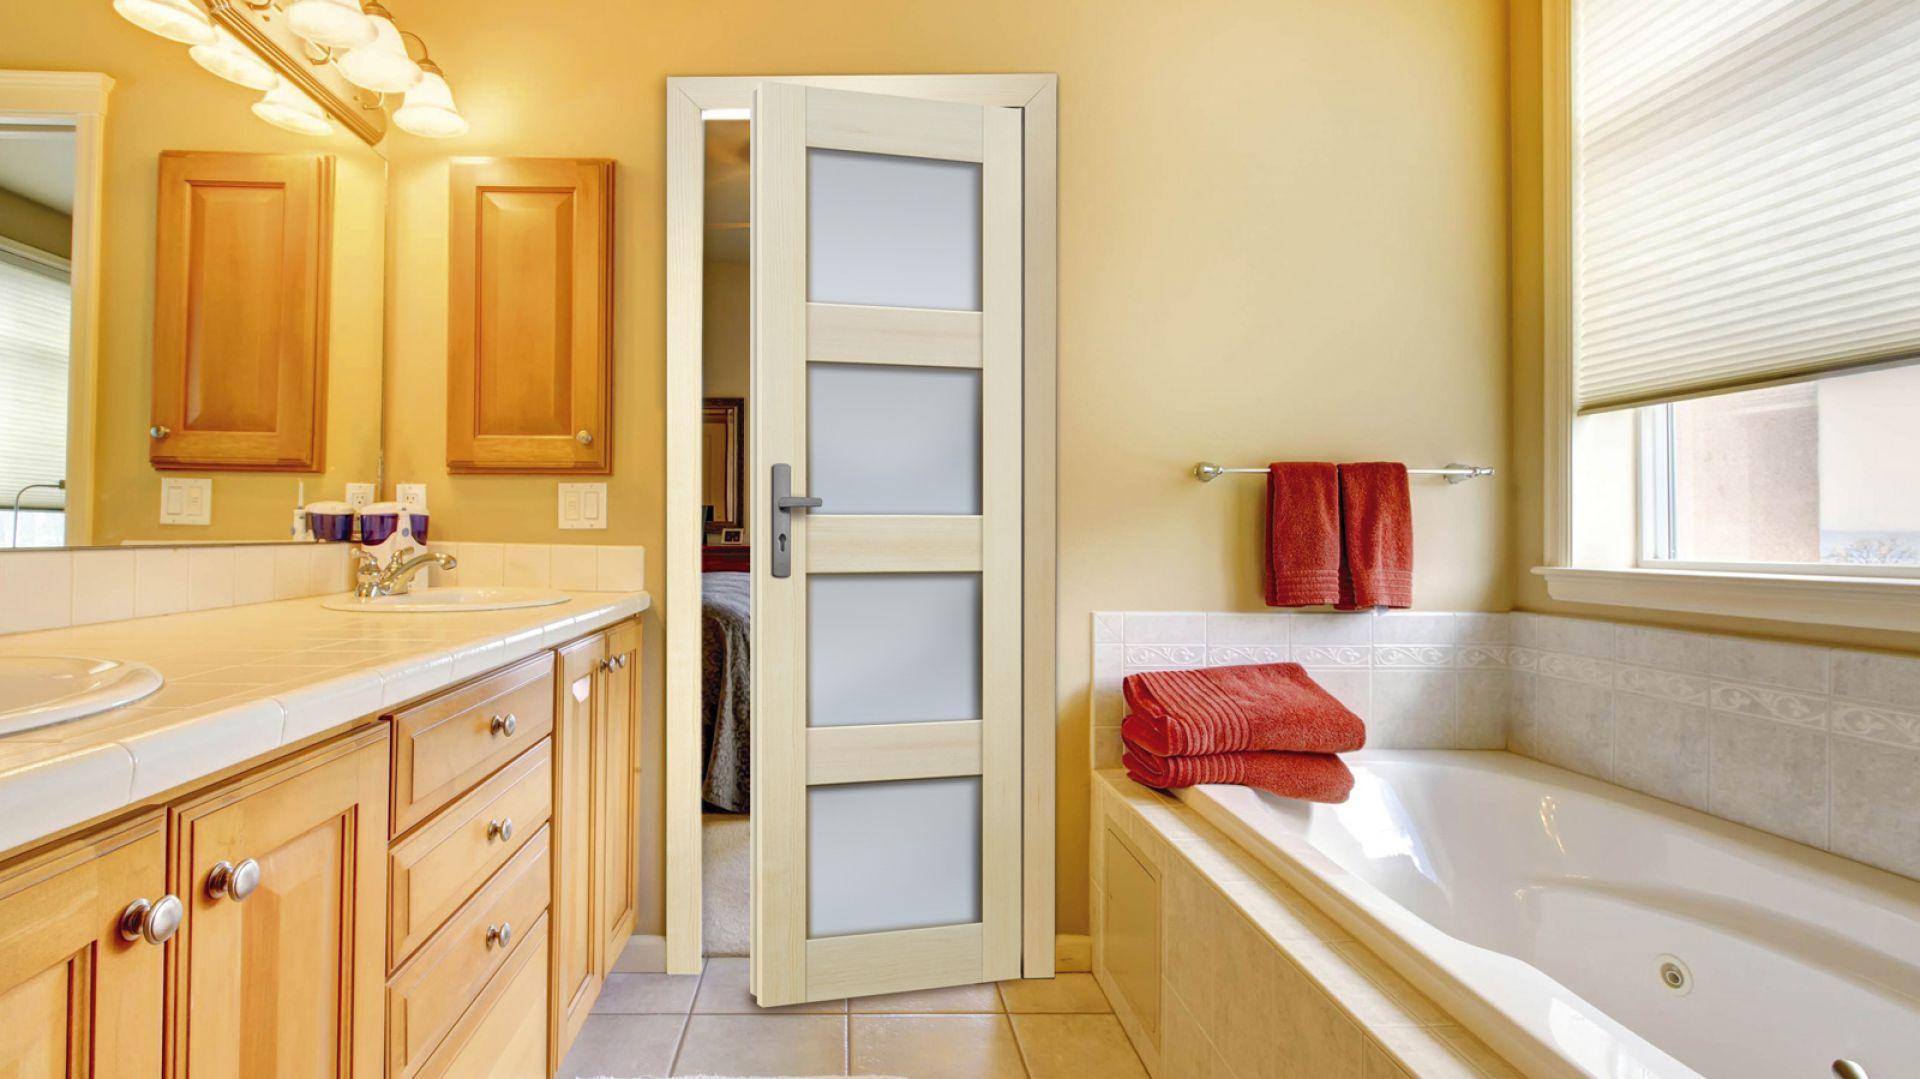 Drzwi łazienkowe Premium Nefryt Radex. Fot. 4iQ